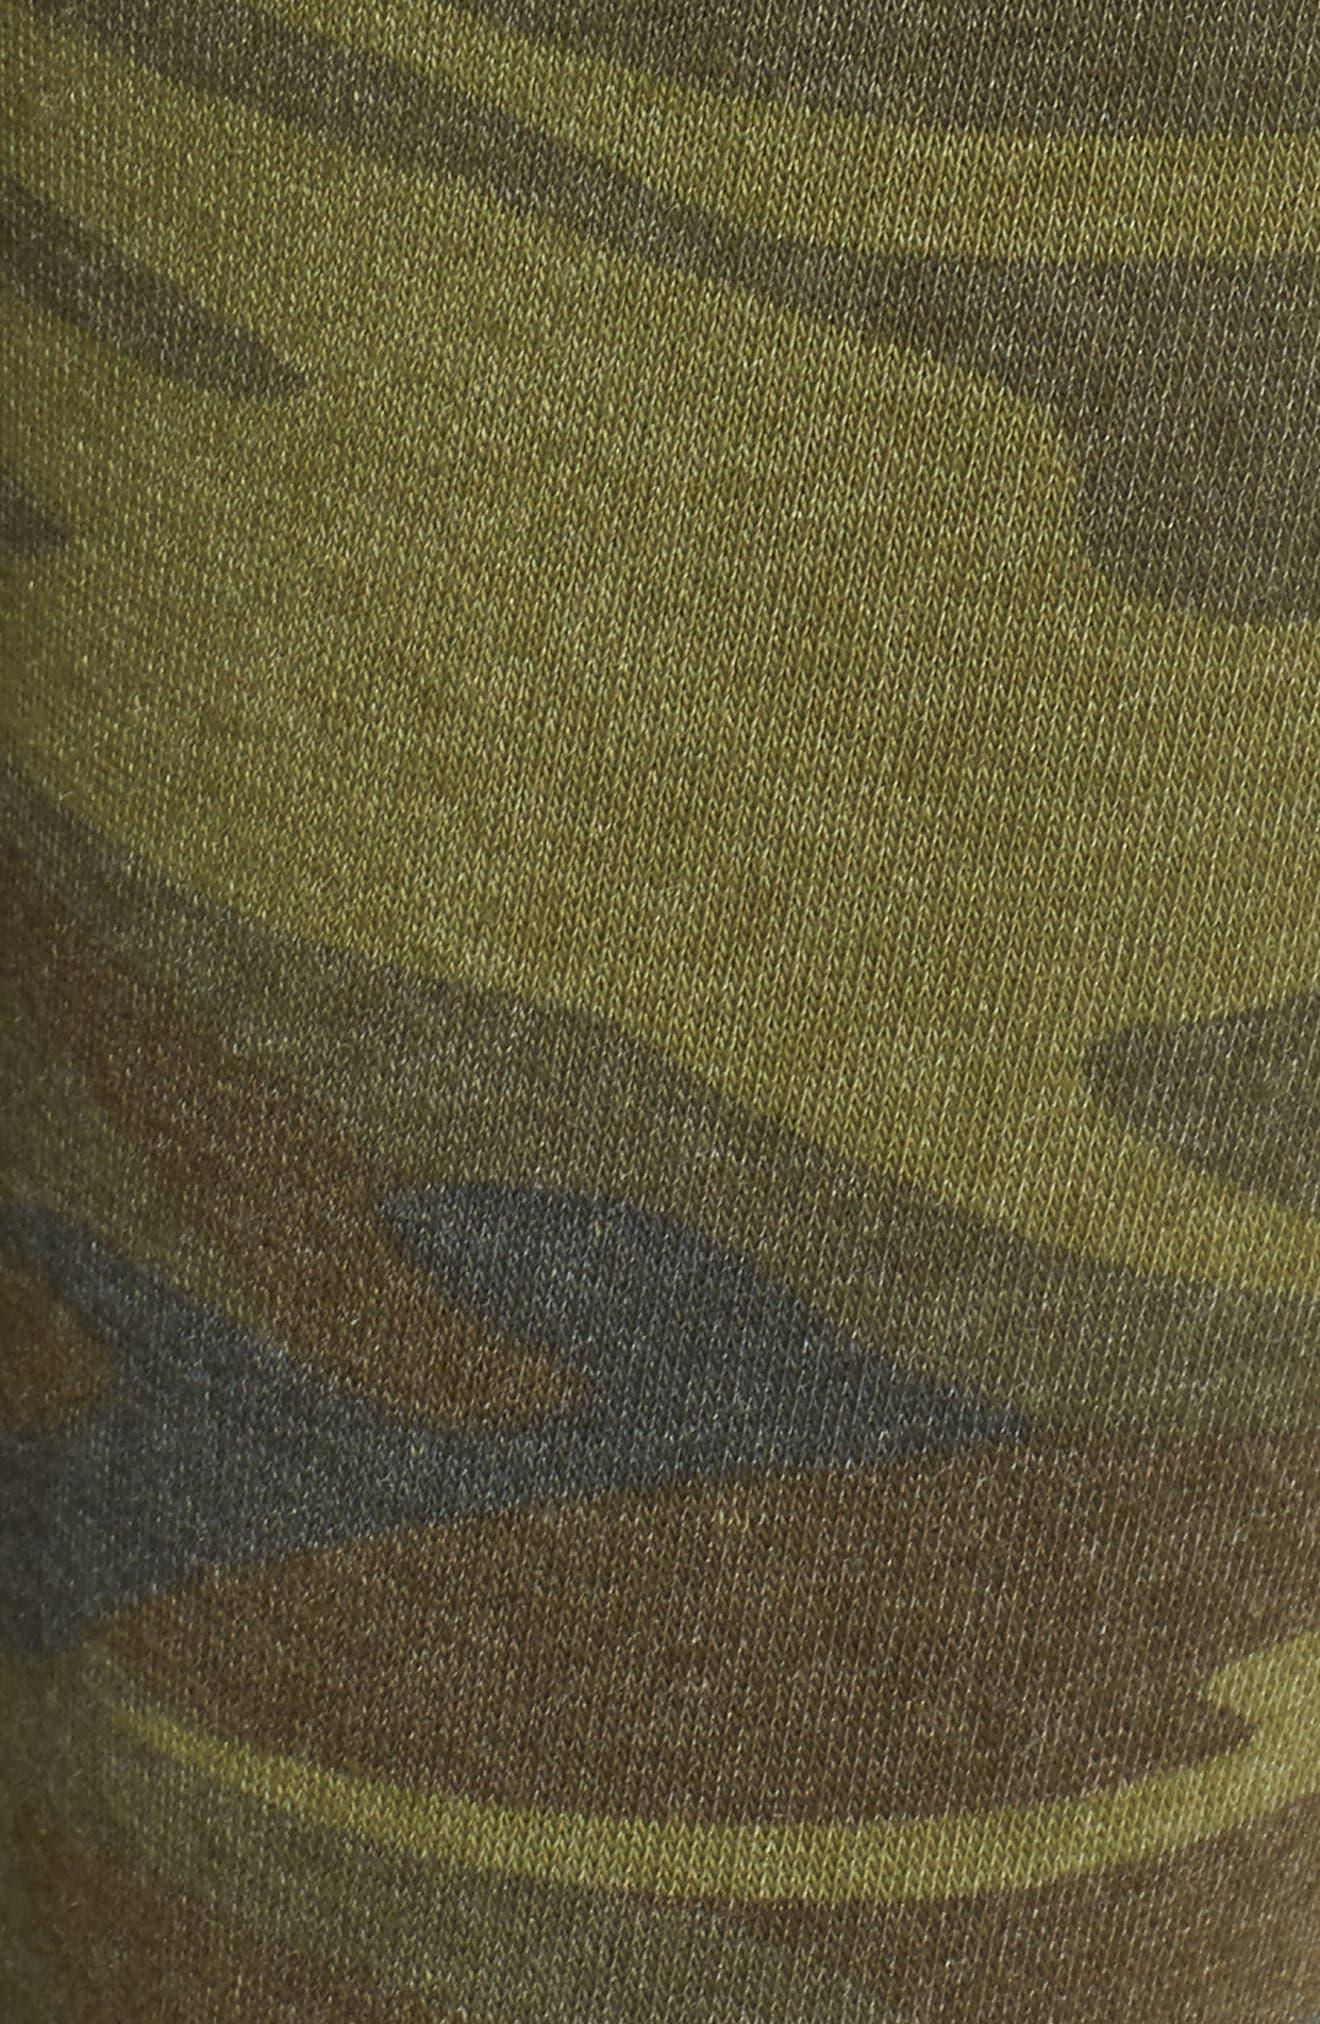 Camo Print Fleece Jogger Pants,                             Alternate thumbnail 6, color,                             Camo